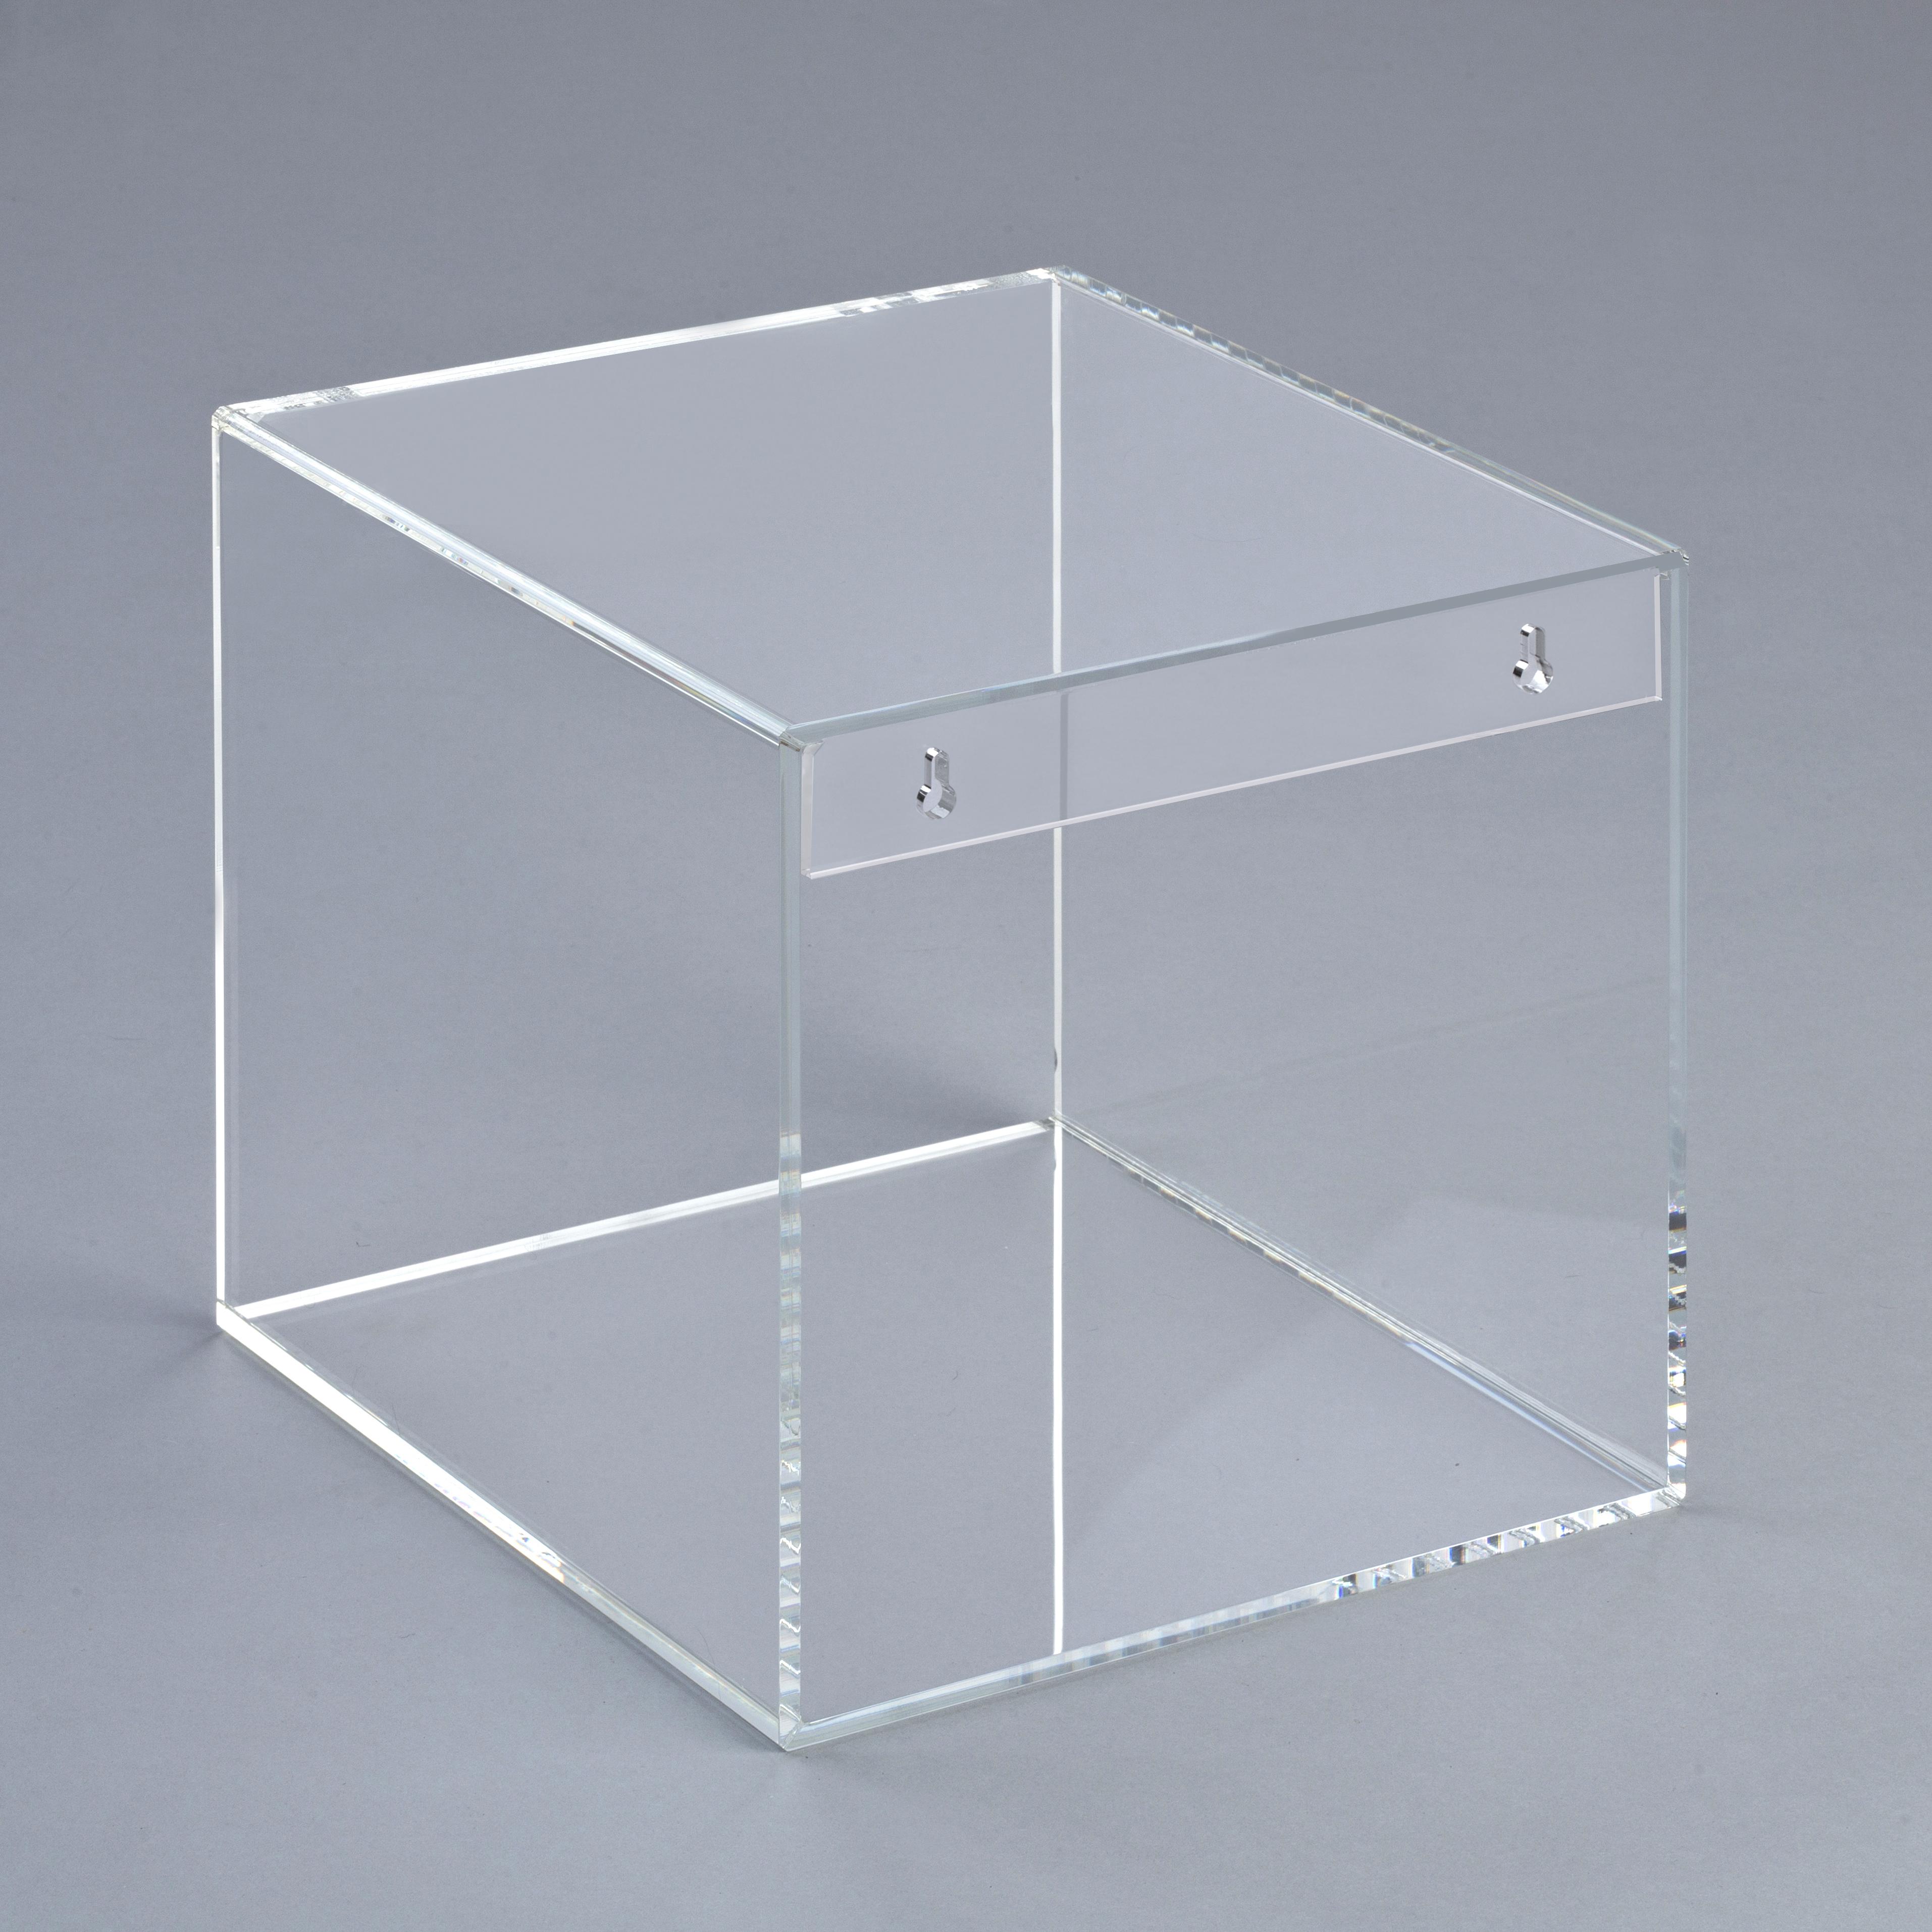 Hochwertiges Acryl Glas Wandregal Für Schallplatten Vinylplatten